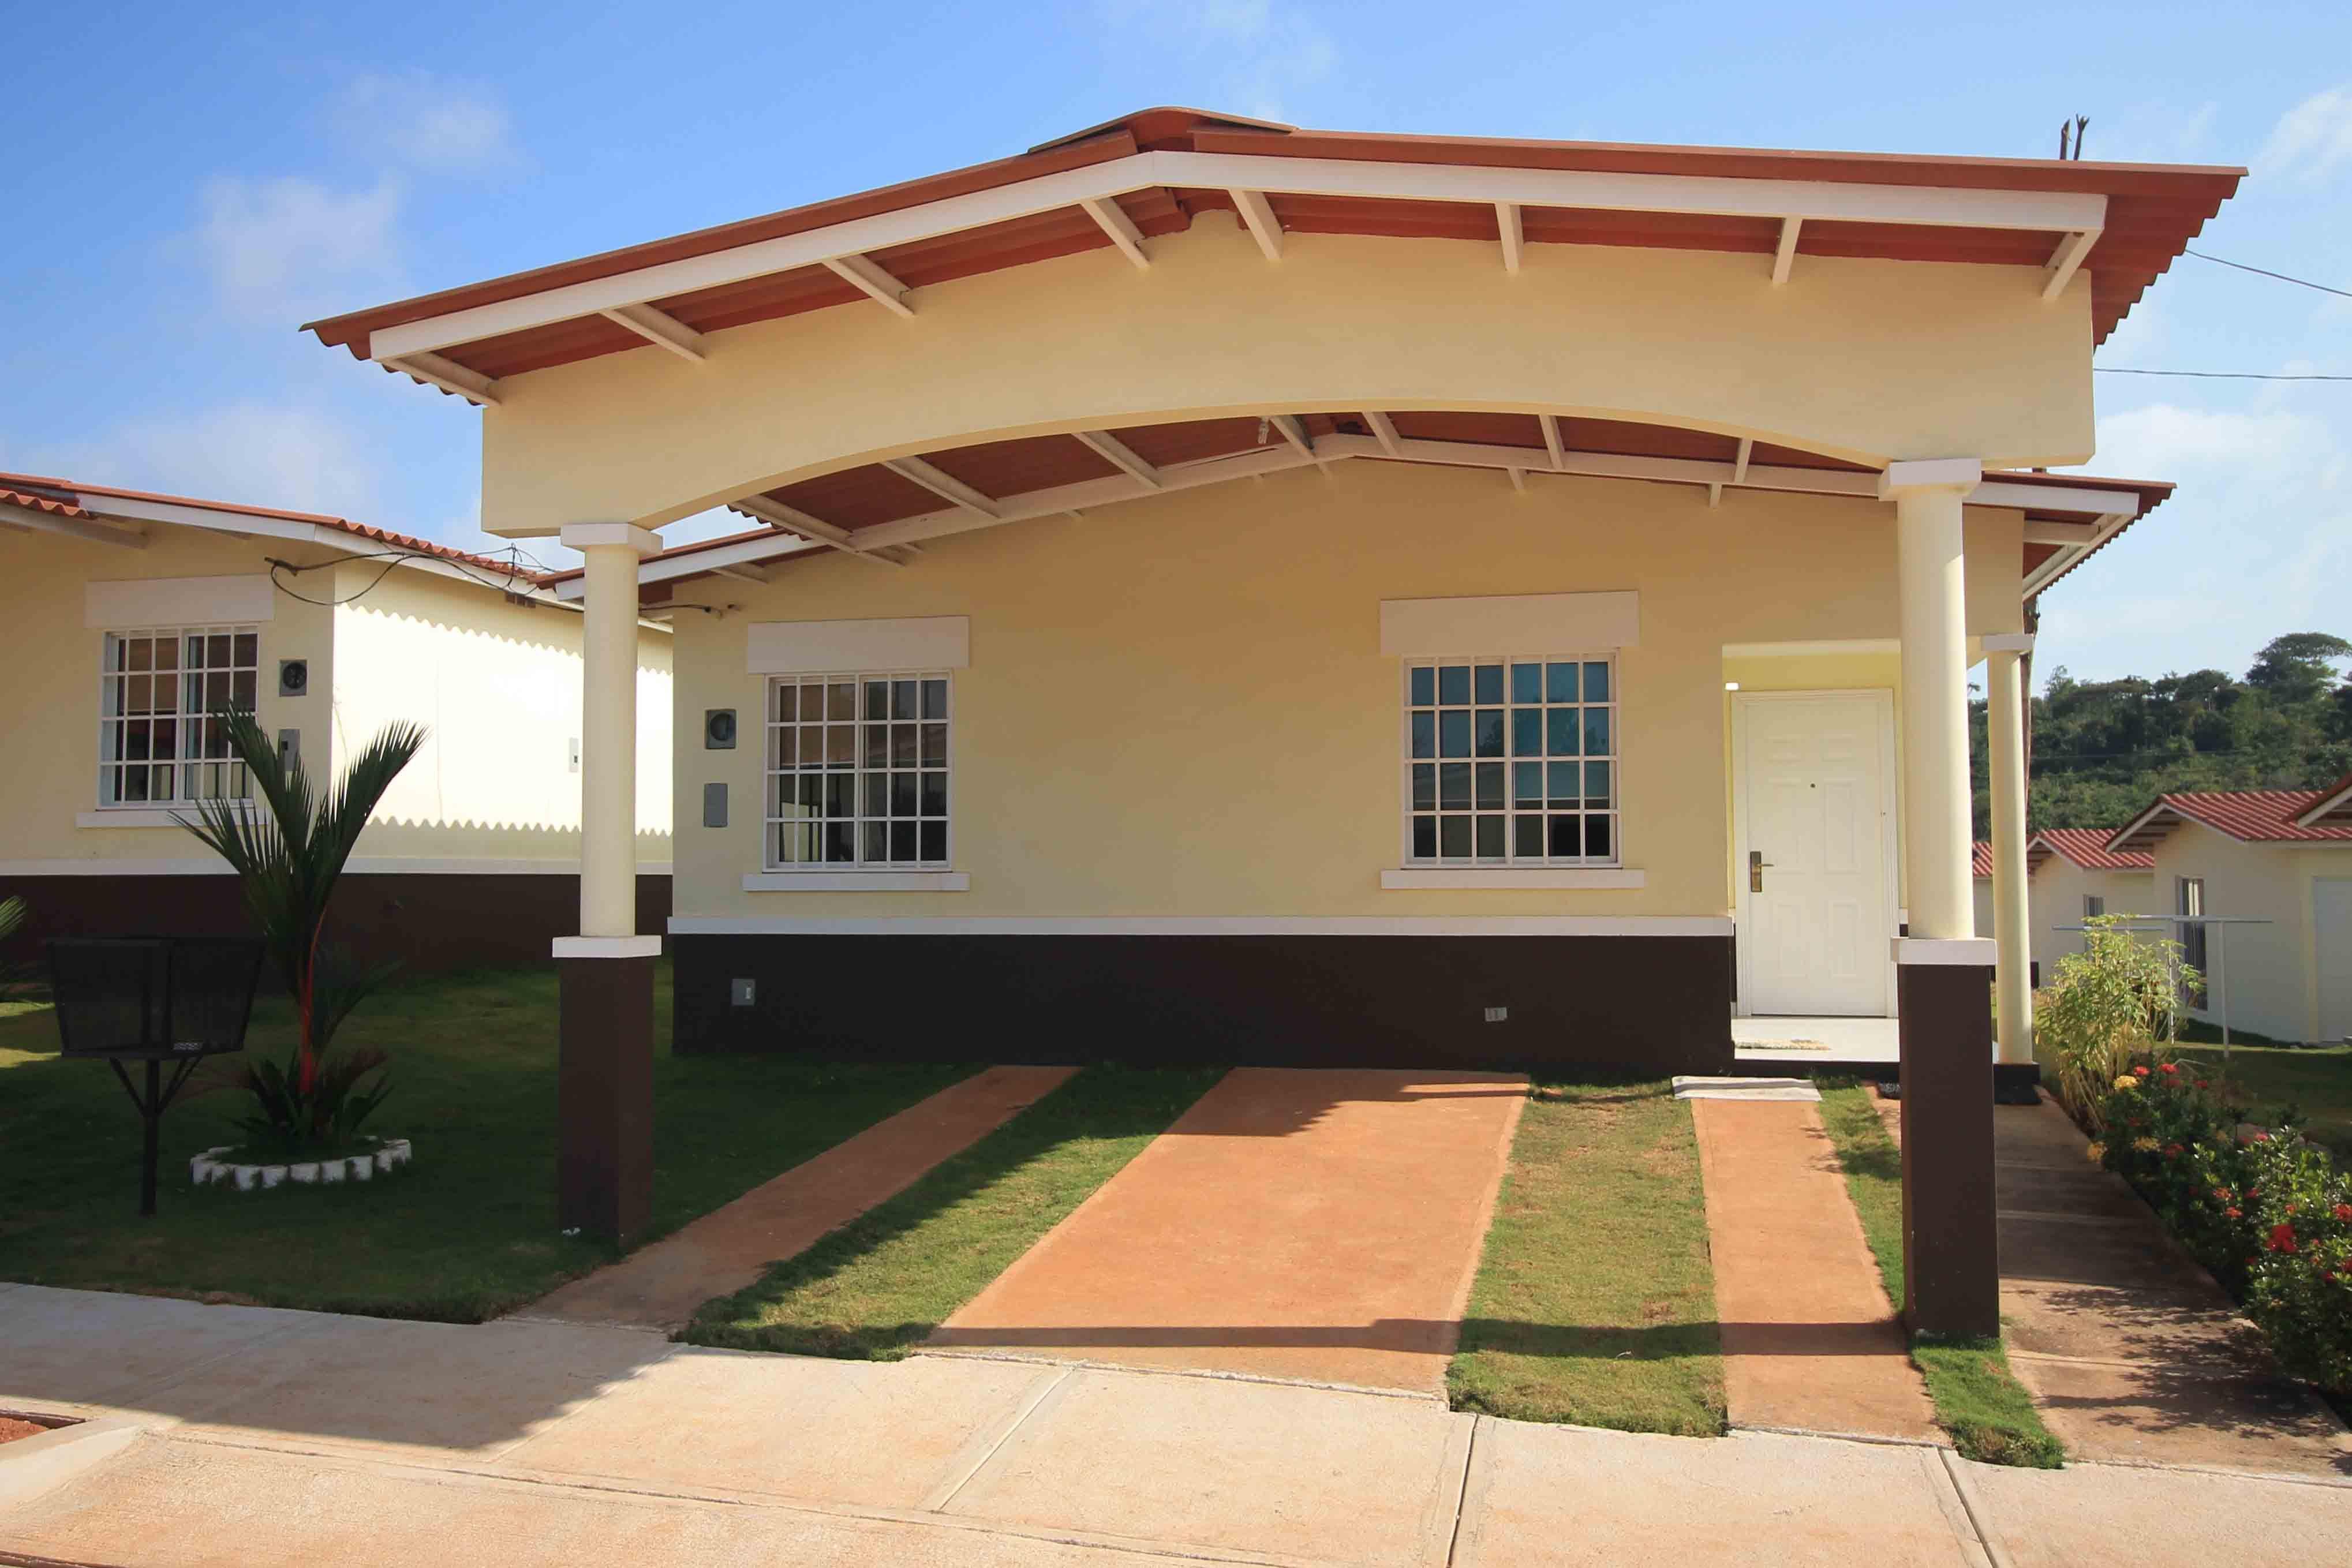 Casas En Venta En Panama Proyectos De Vivienda En Panama Videos Casas Viviendas De Interes Social Proyectos De Vivienda Casas